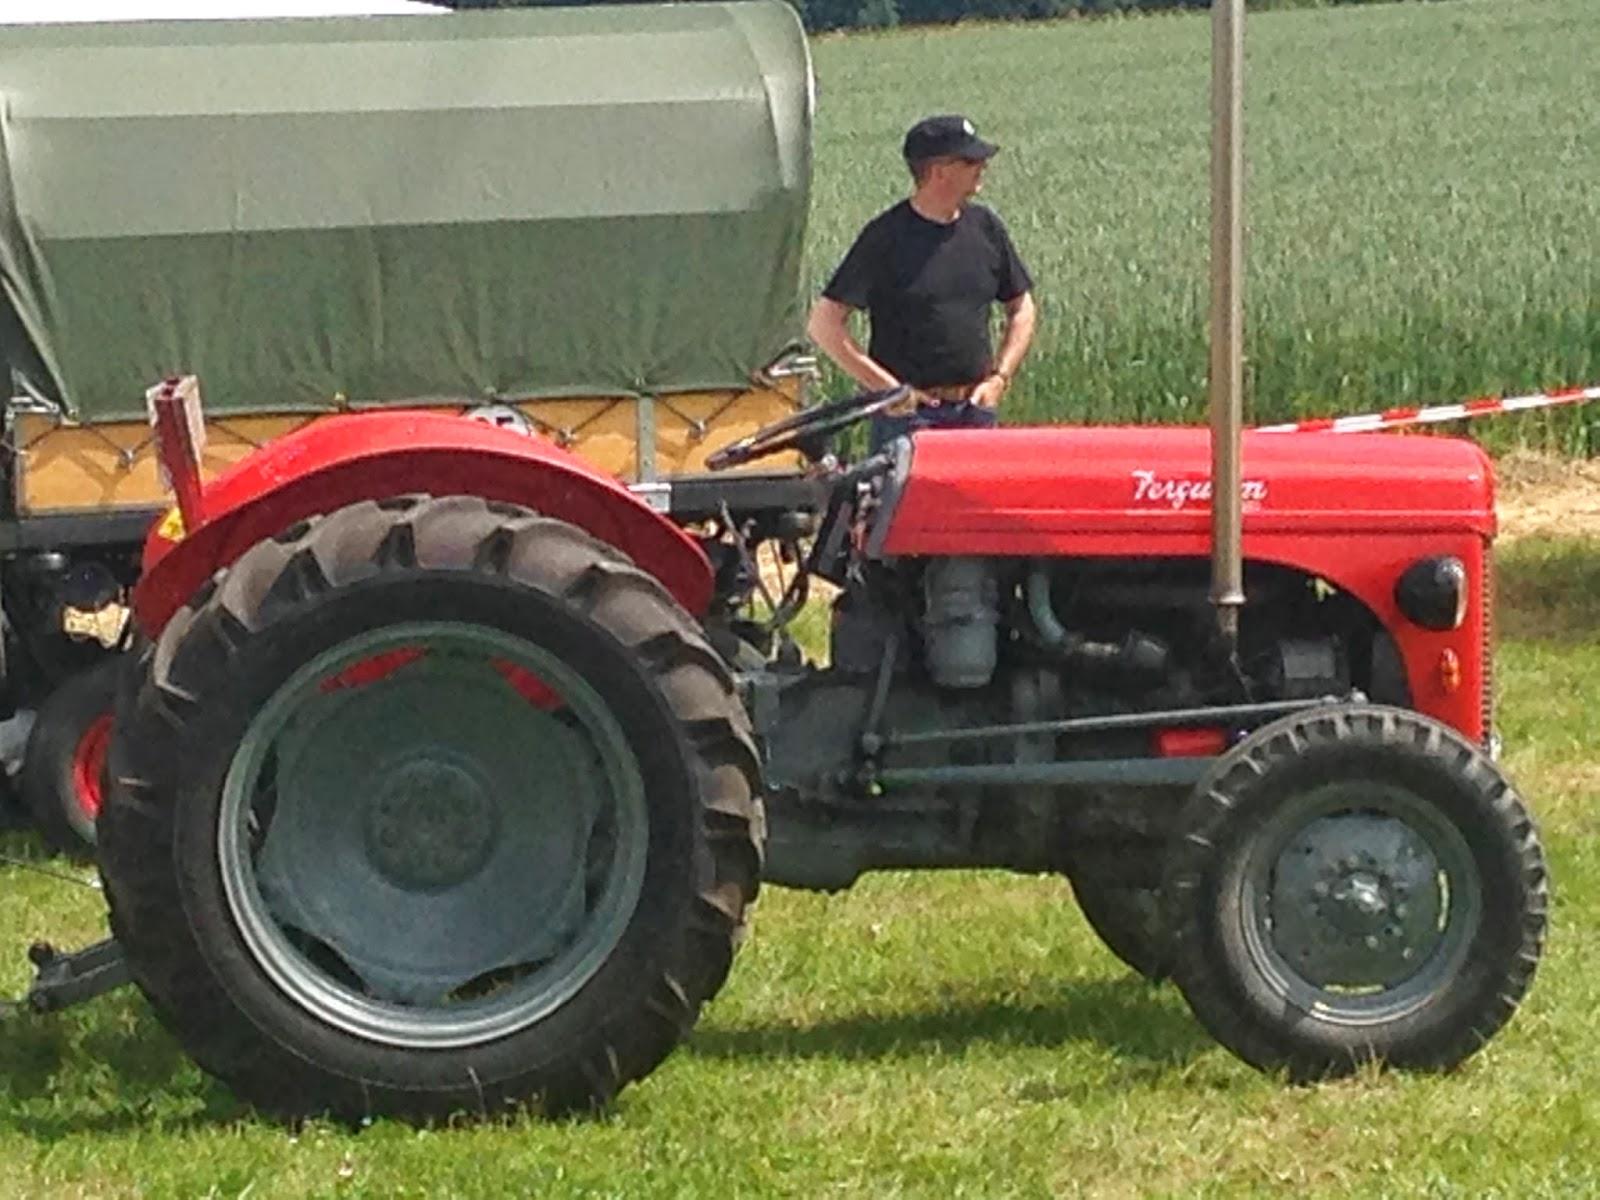 Traktor aus Cars